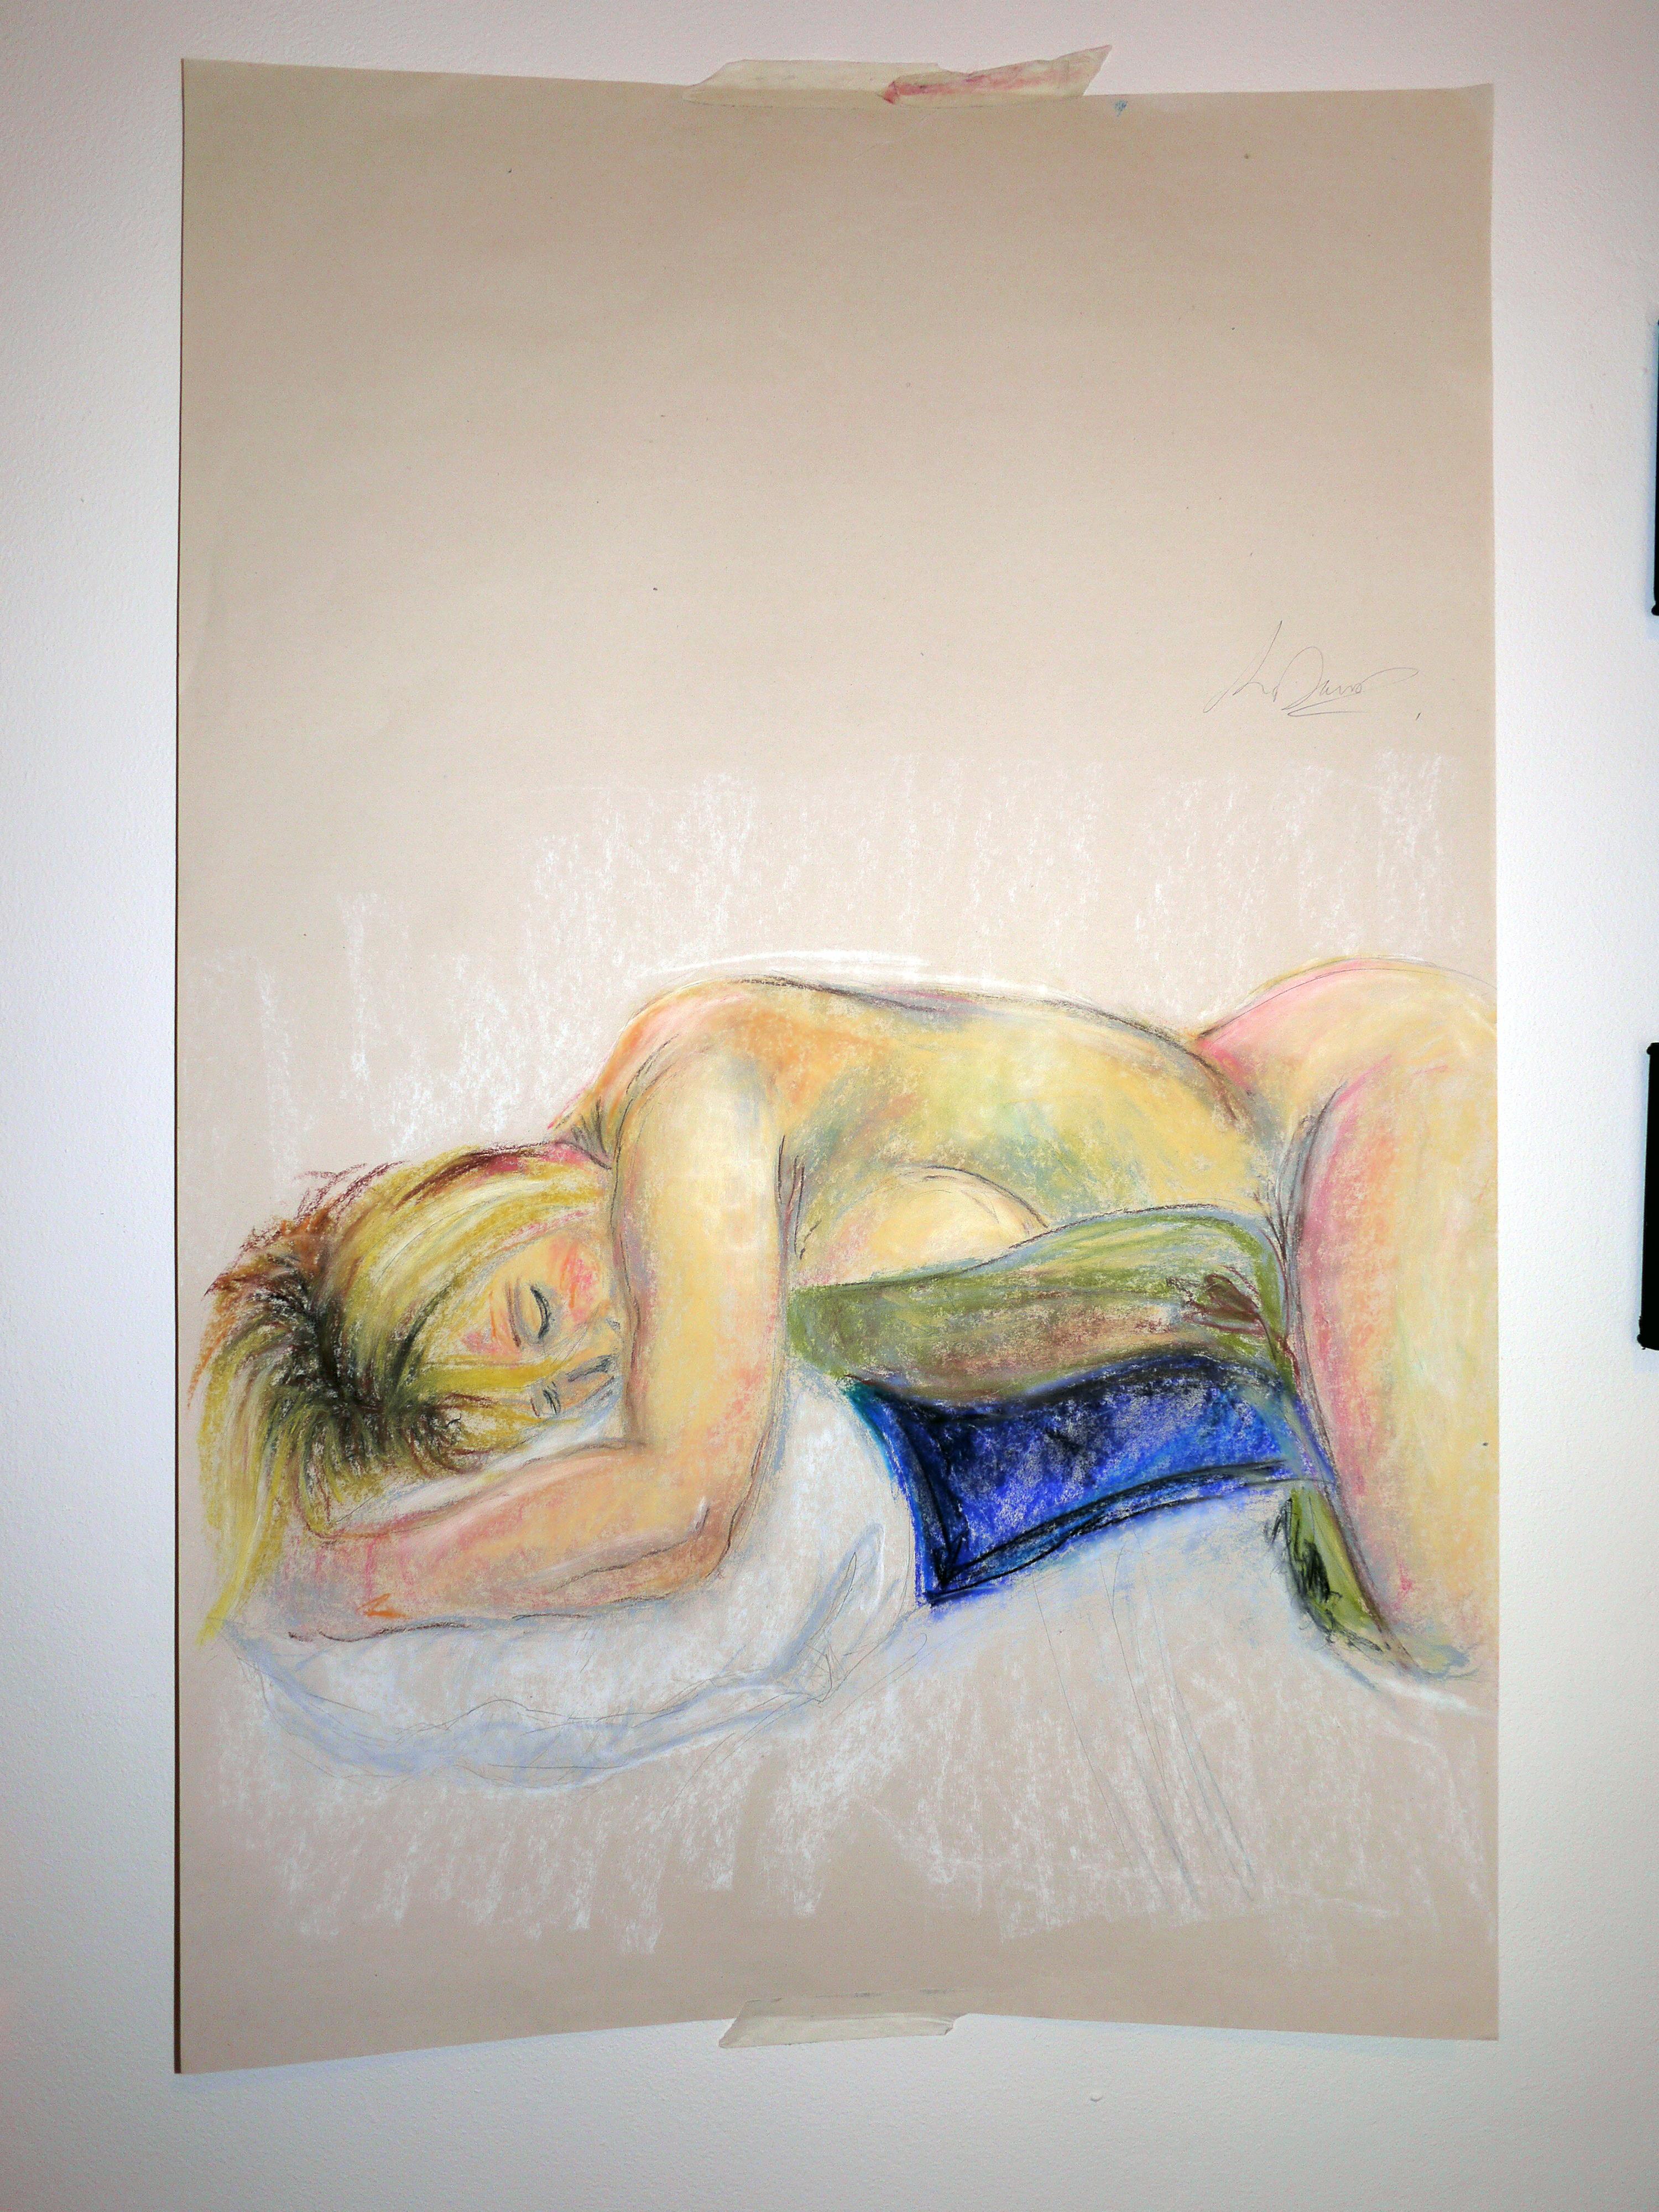 Sleeping beauty by Ginkoftw